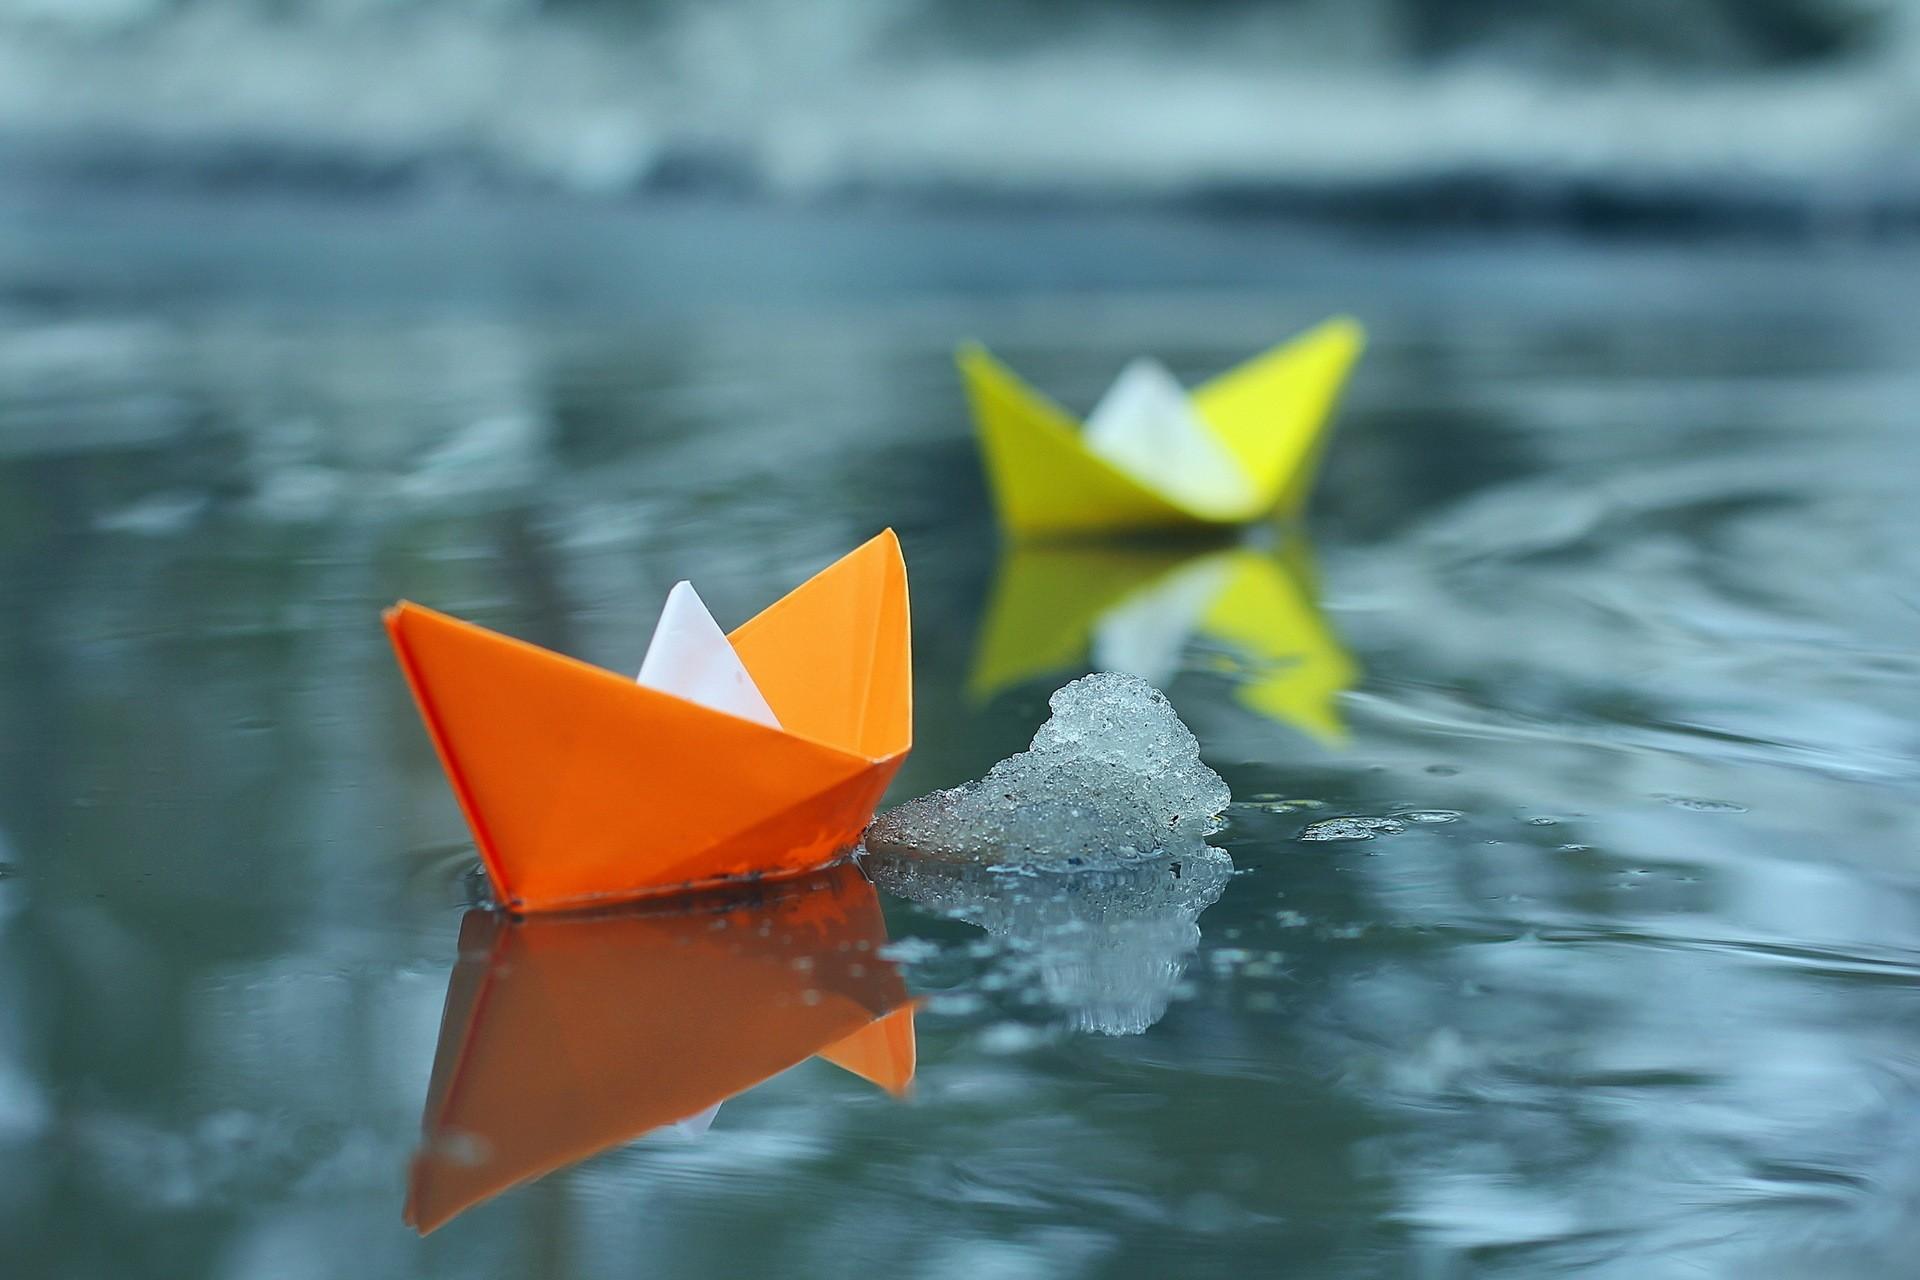 美图,图片,创意 几张和航海有关的创意图片 wallhaven-200712.jpg